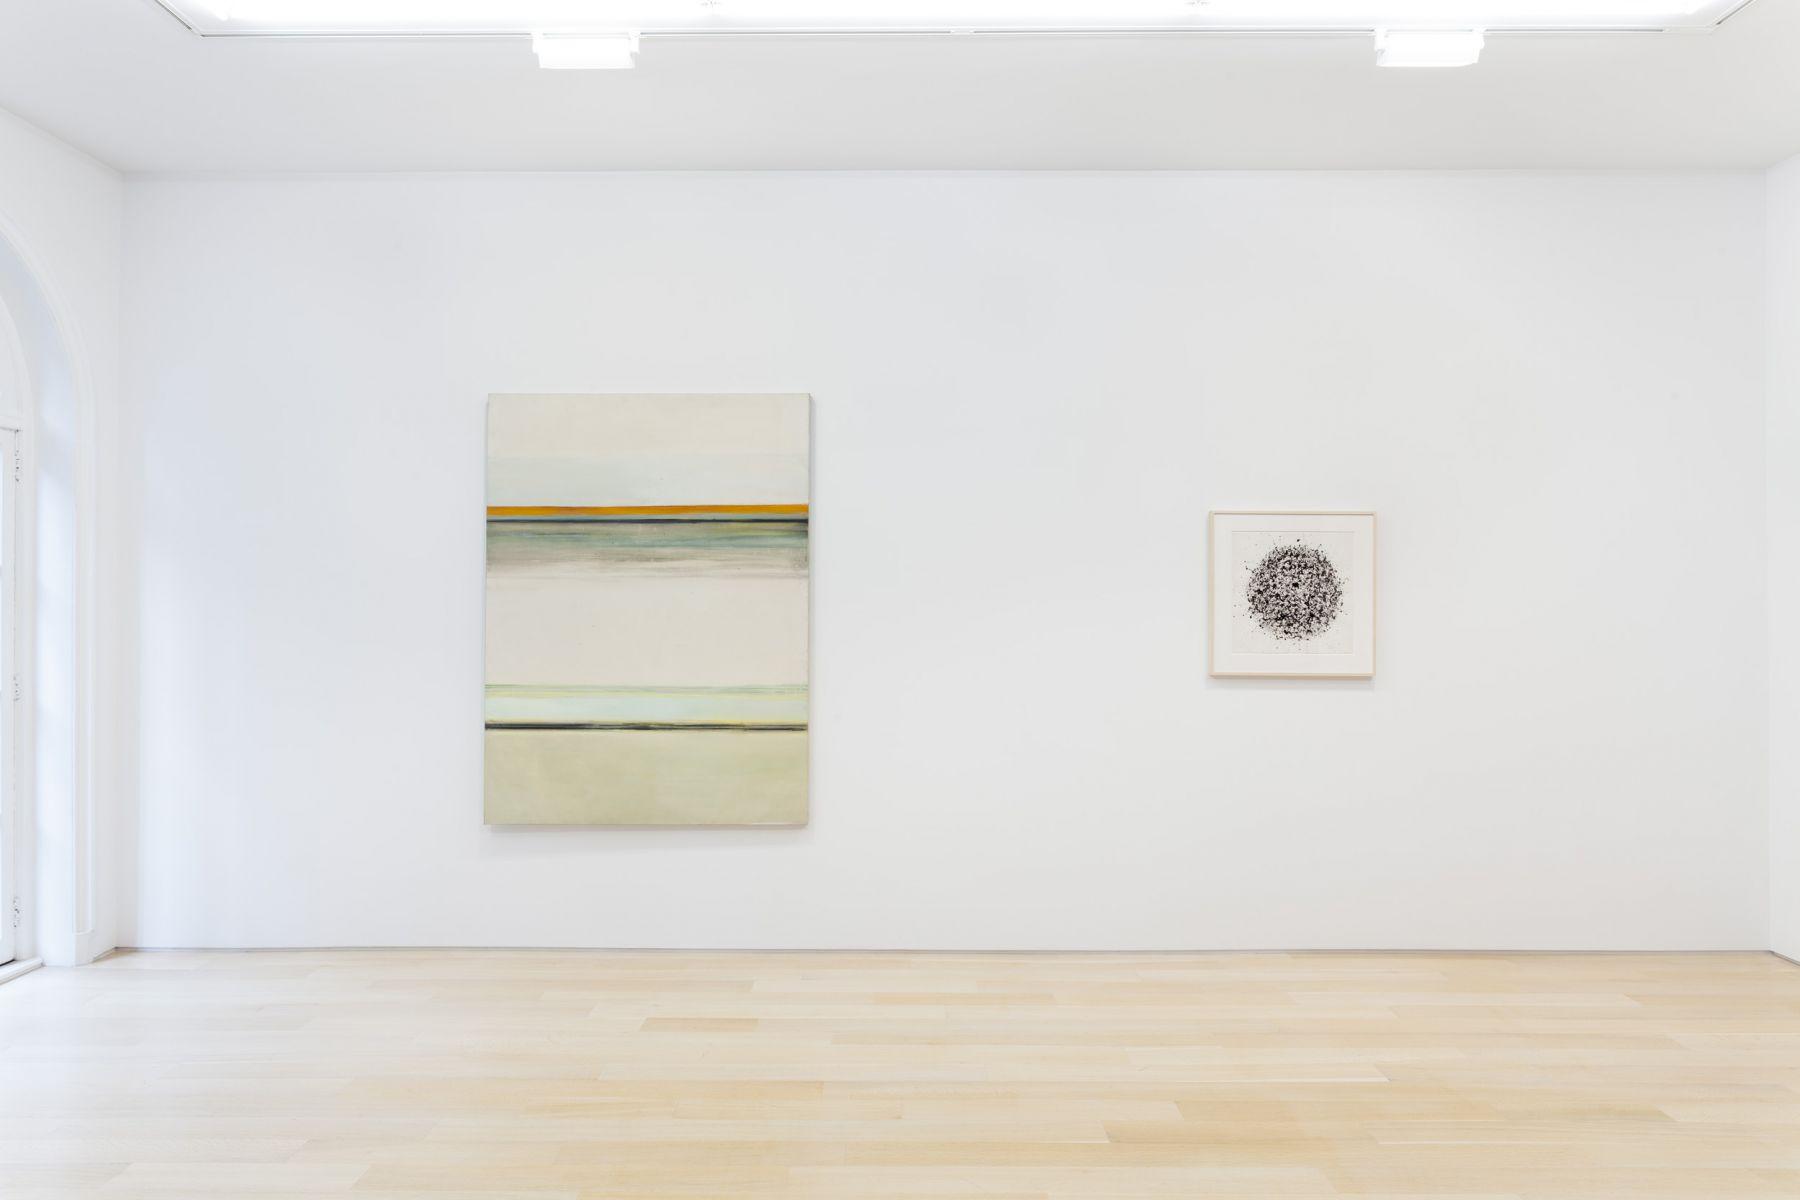 Frankenthaler, Rockburne, & Sterne